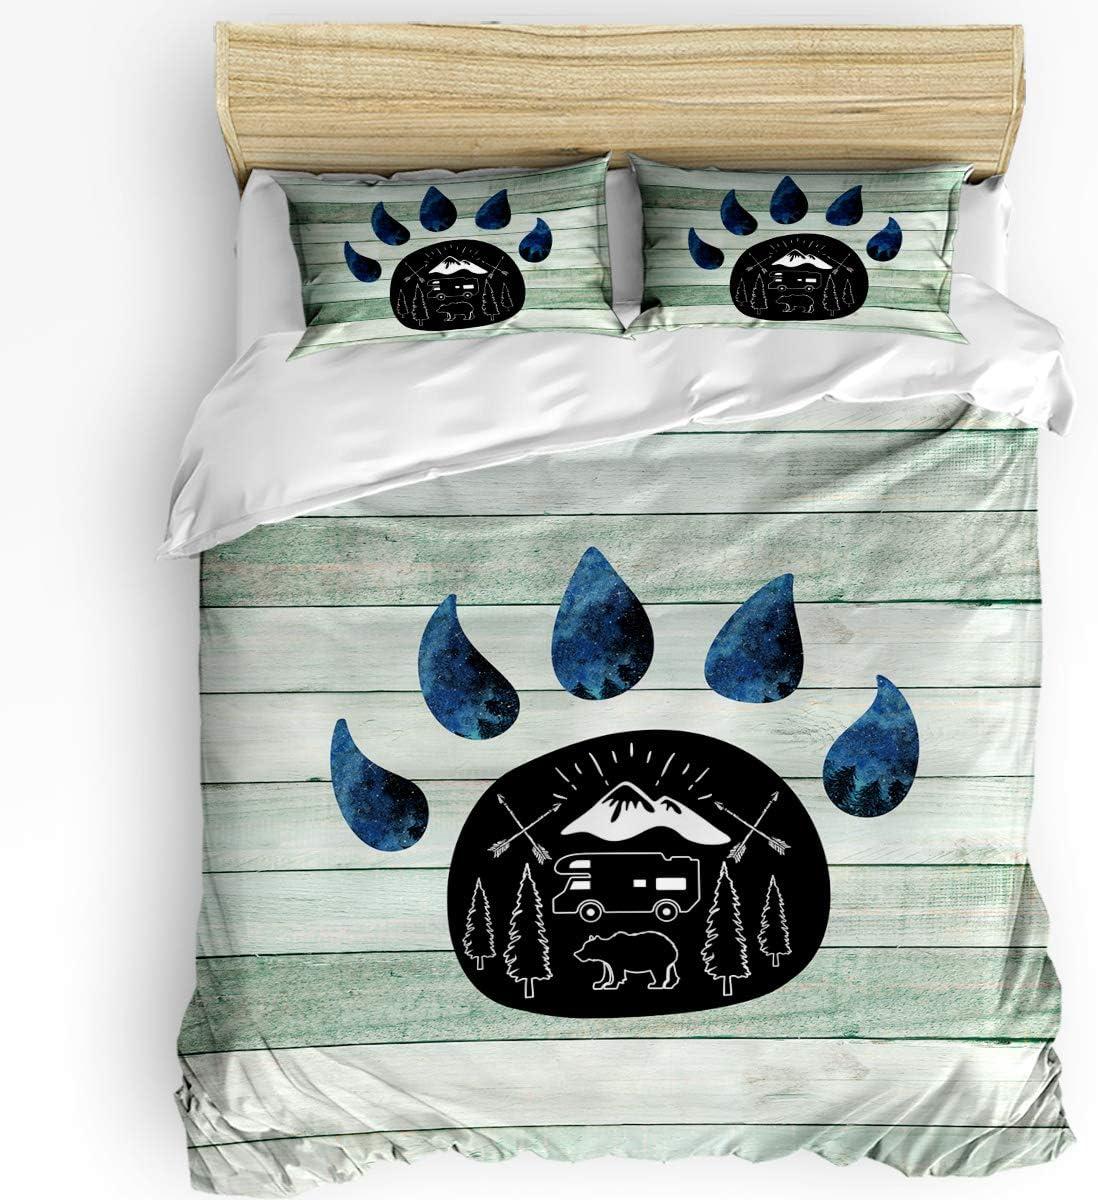 Teather 3-Piece Bedding Sets Import Bears Elegant Paw Cov - Duvet Set Comforter